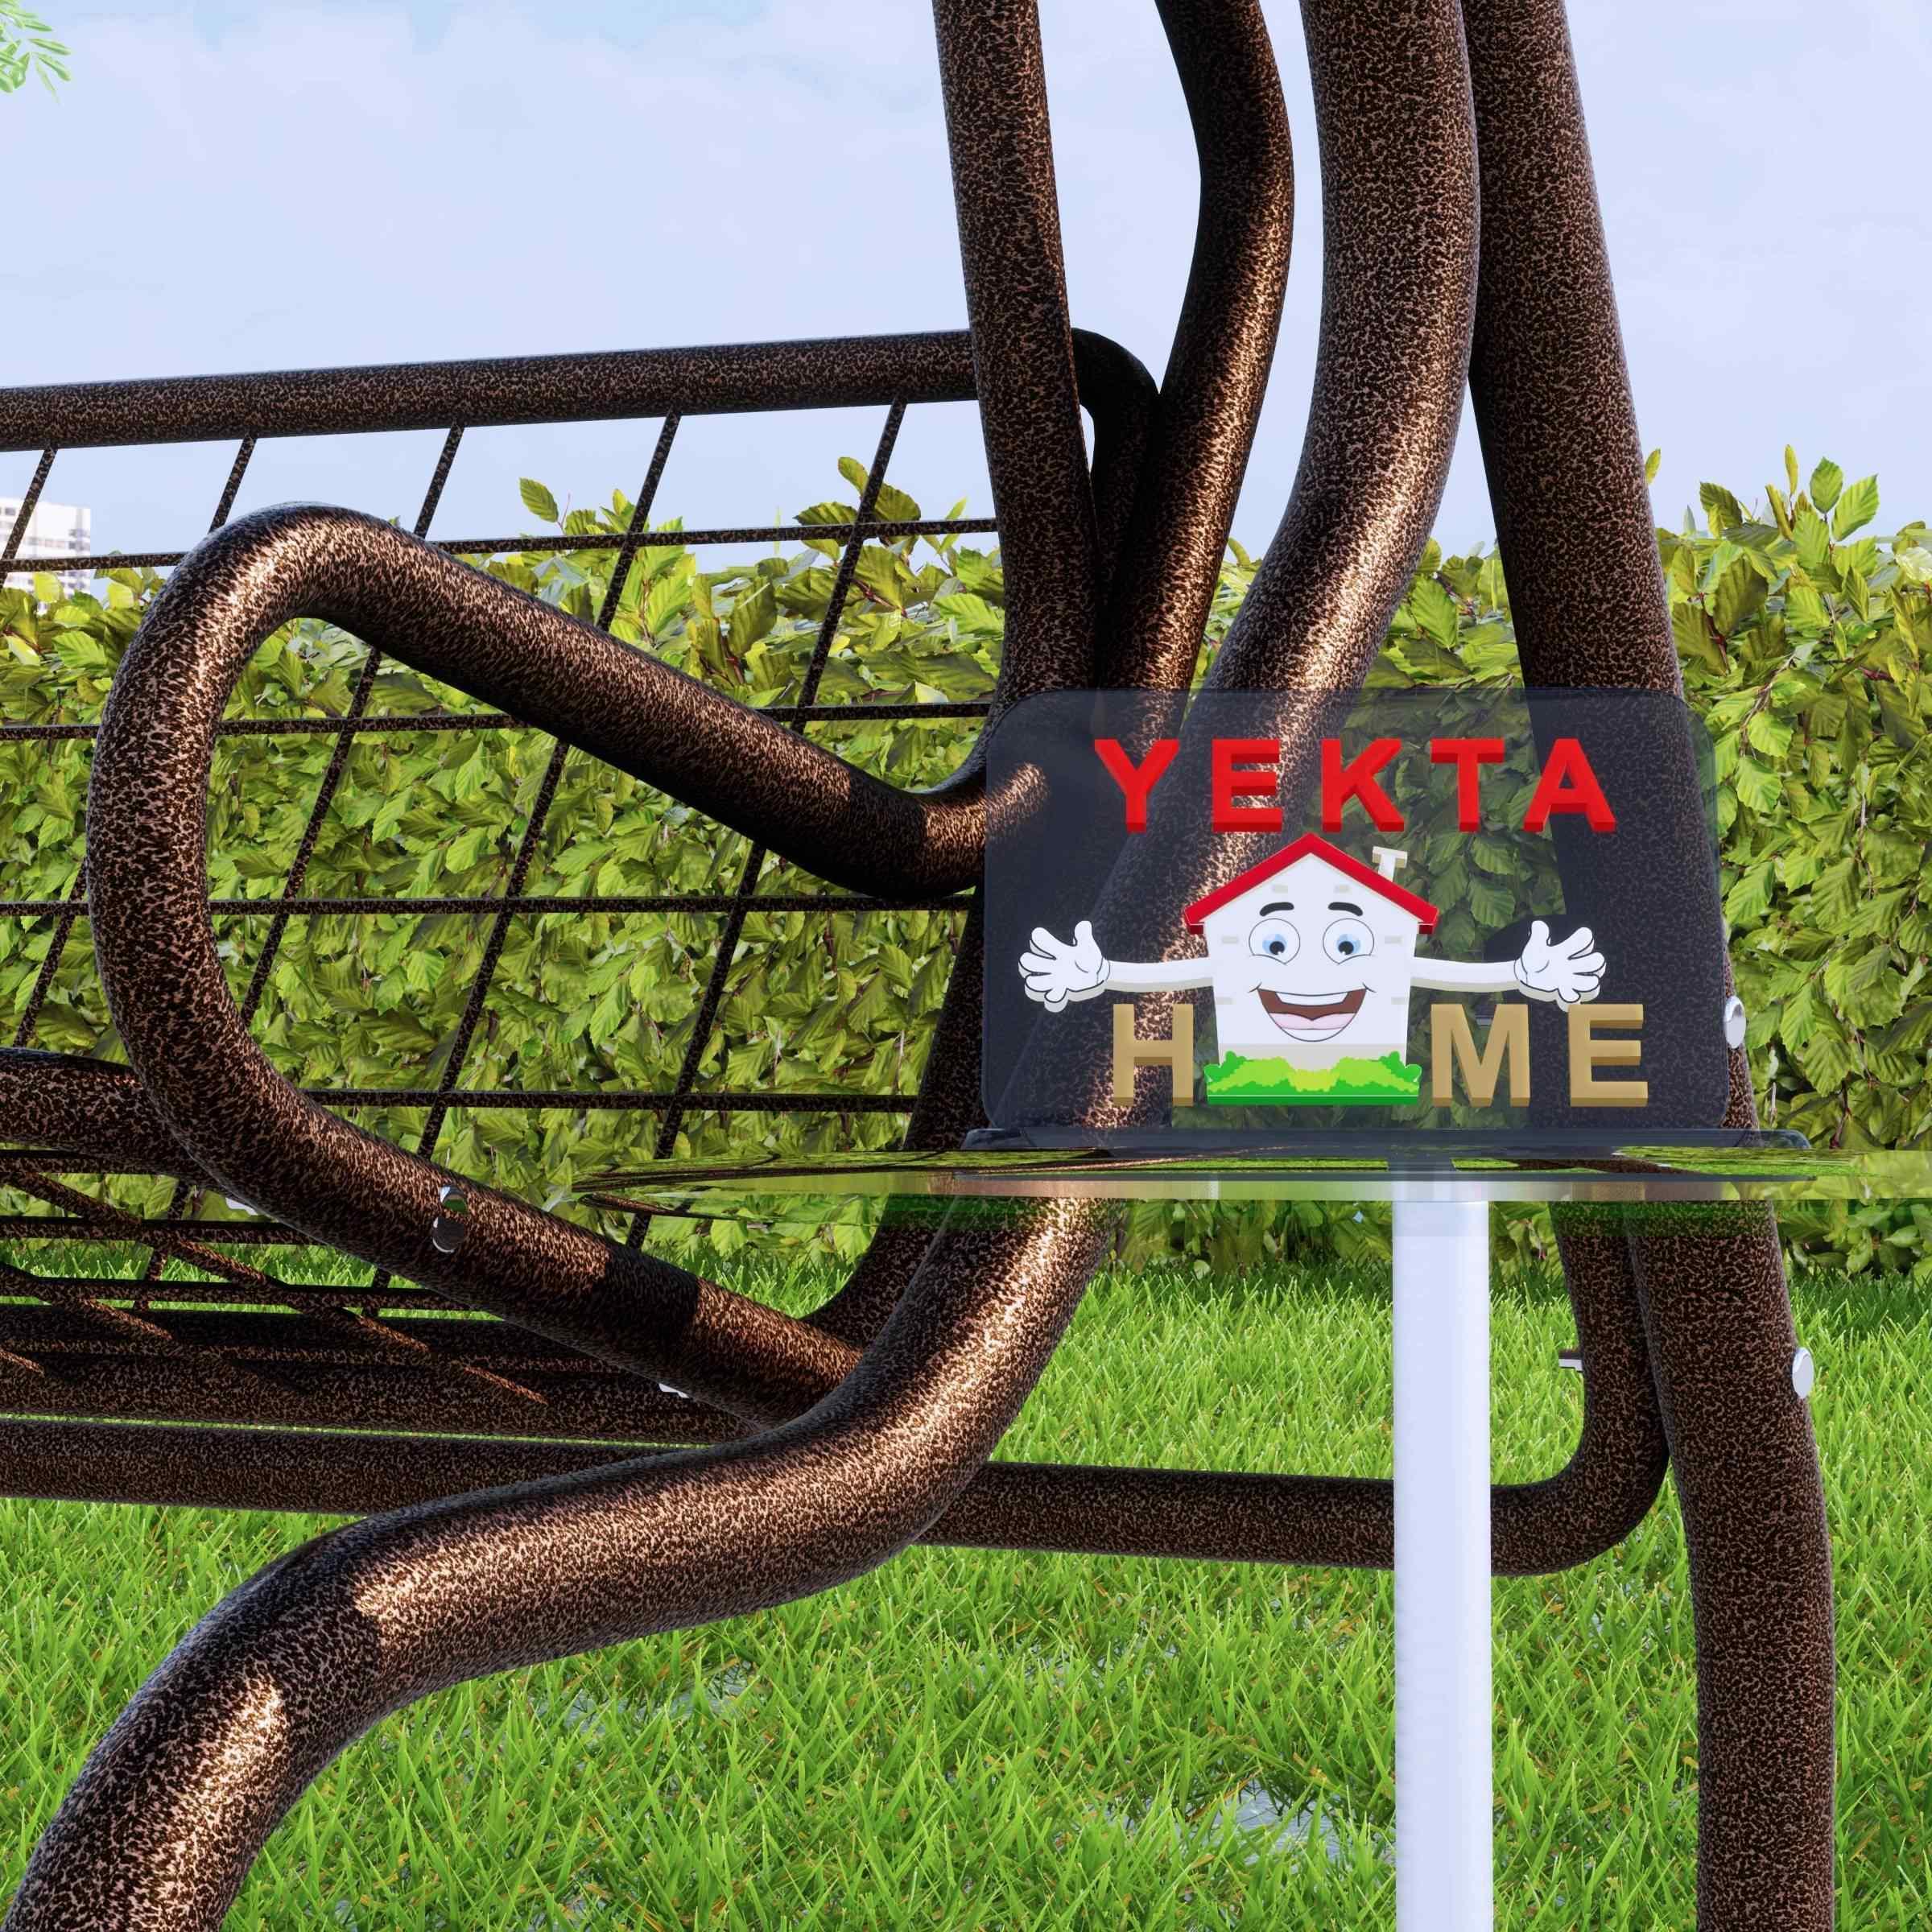 Yekta Muğla 3 Kişilik Bahçe Salıncağı Balkon Salıncak 200 cm